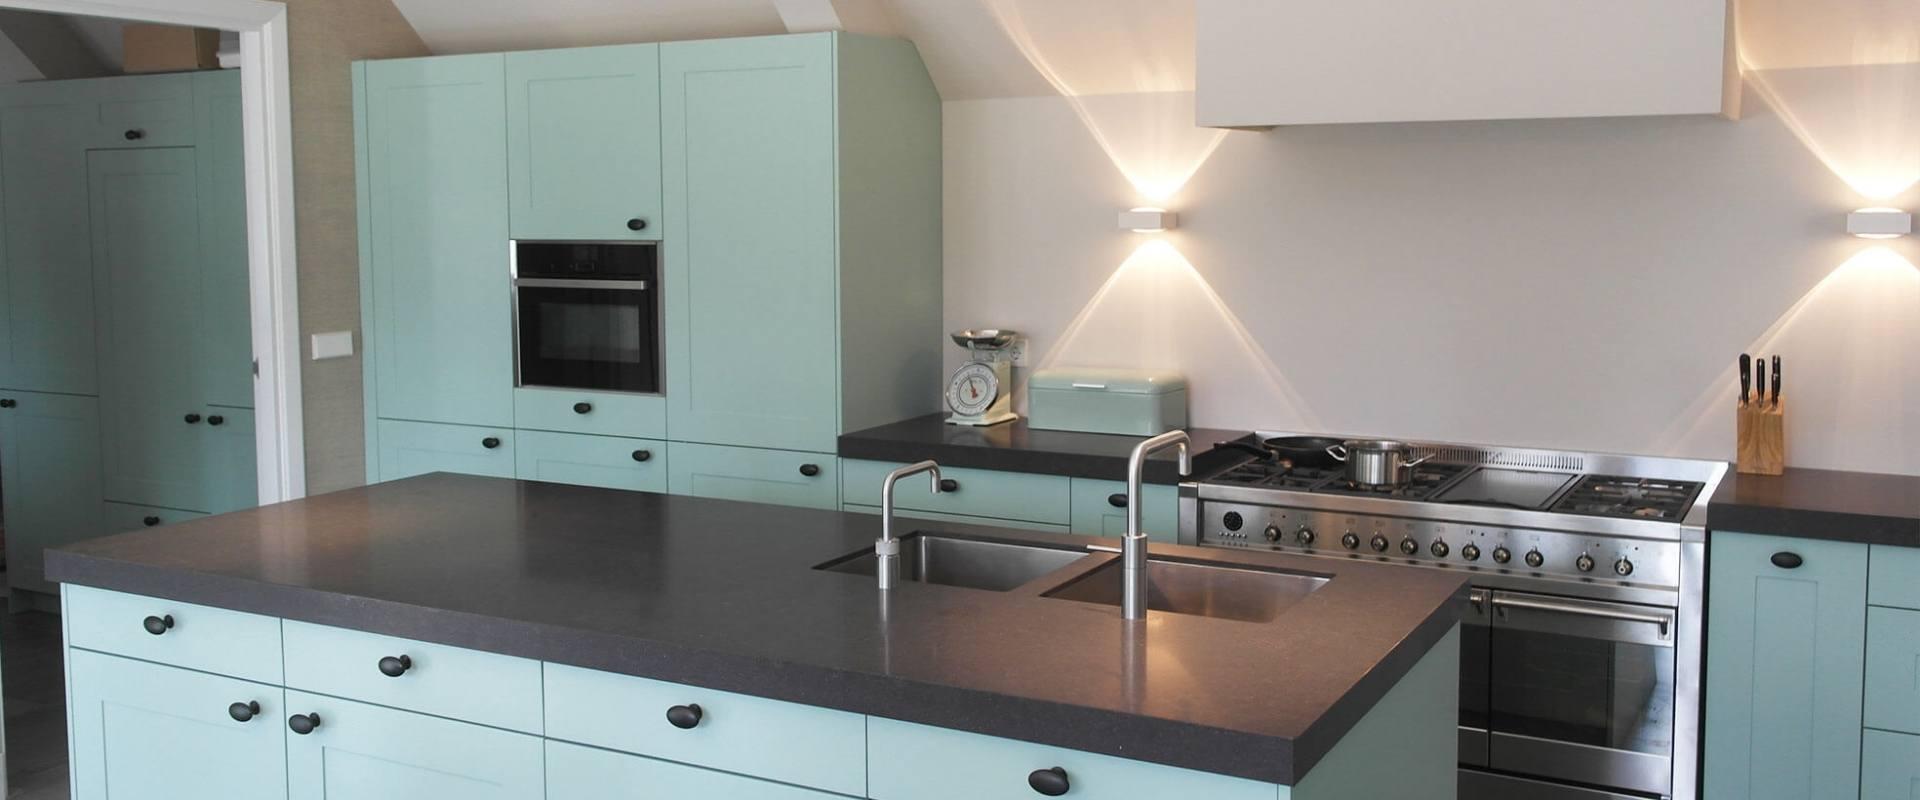 Transparant keukens de beste en de goedkoopste - Keuken wereld thuis ...